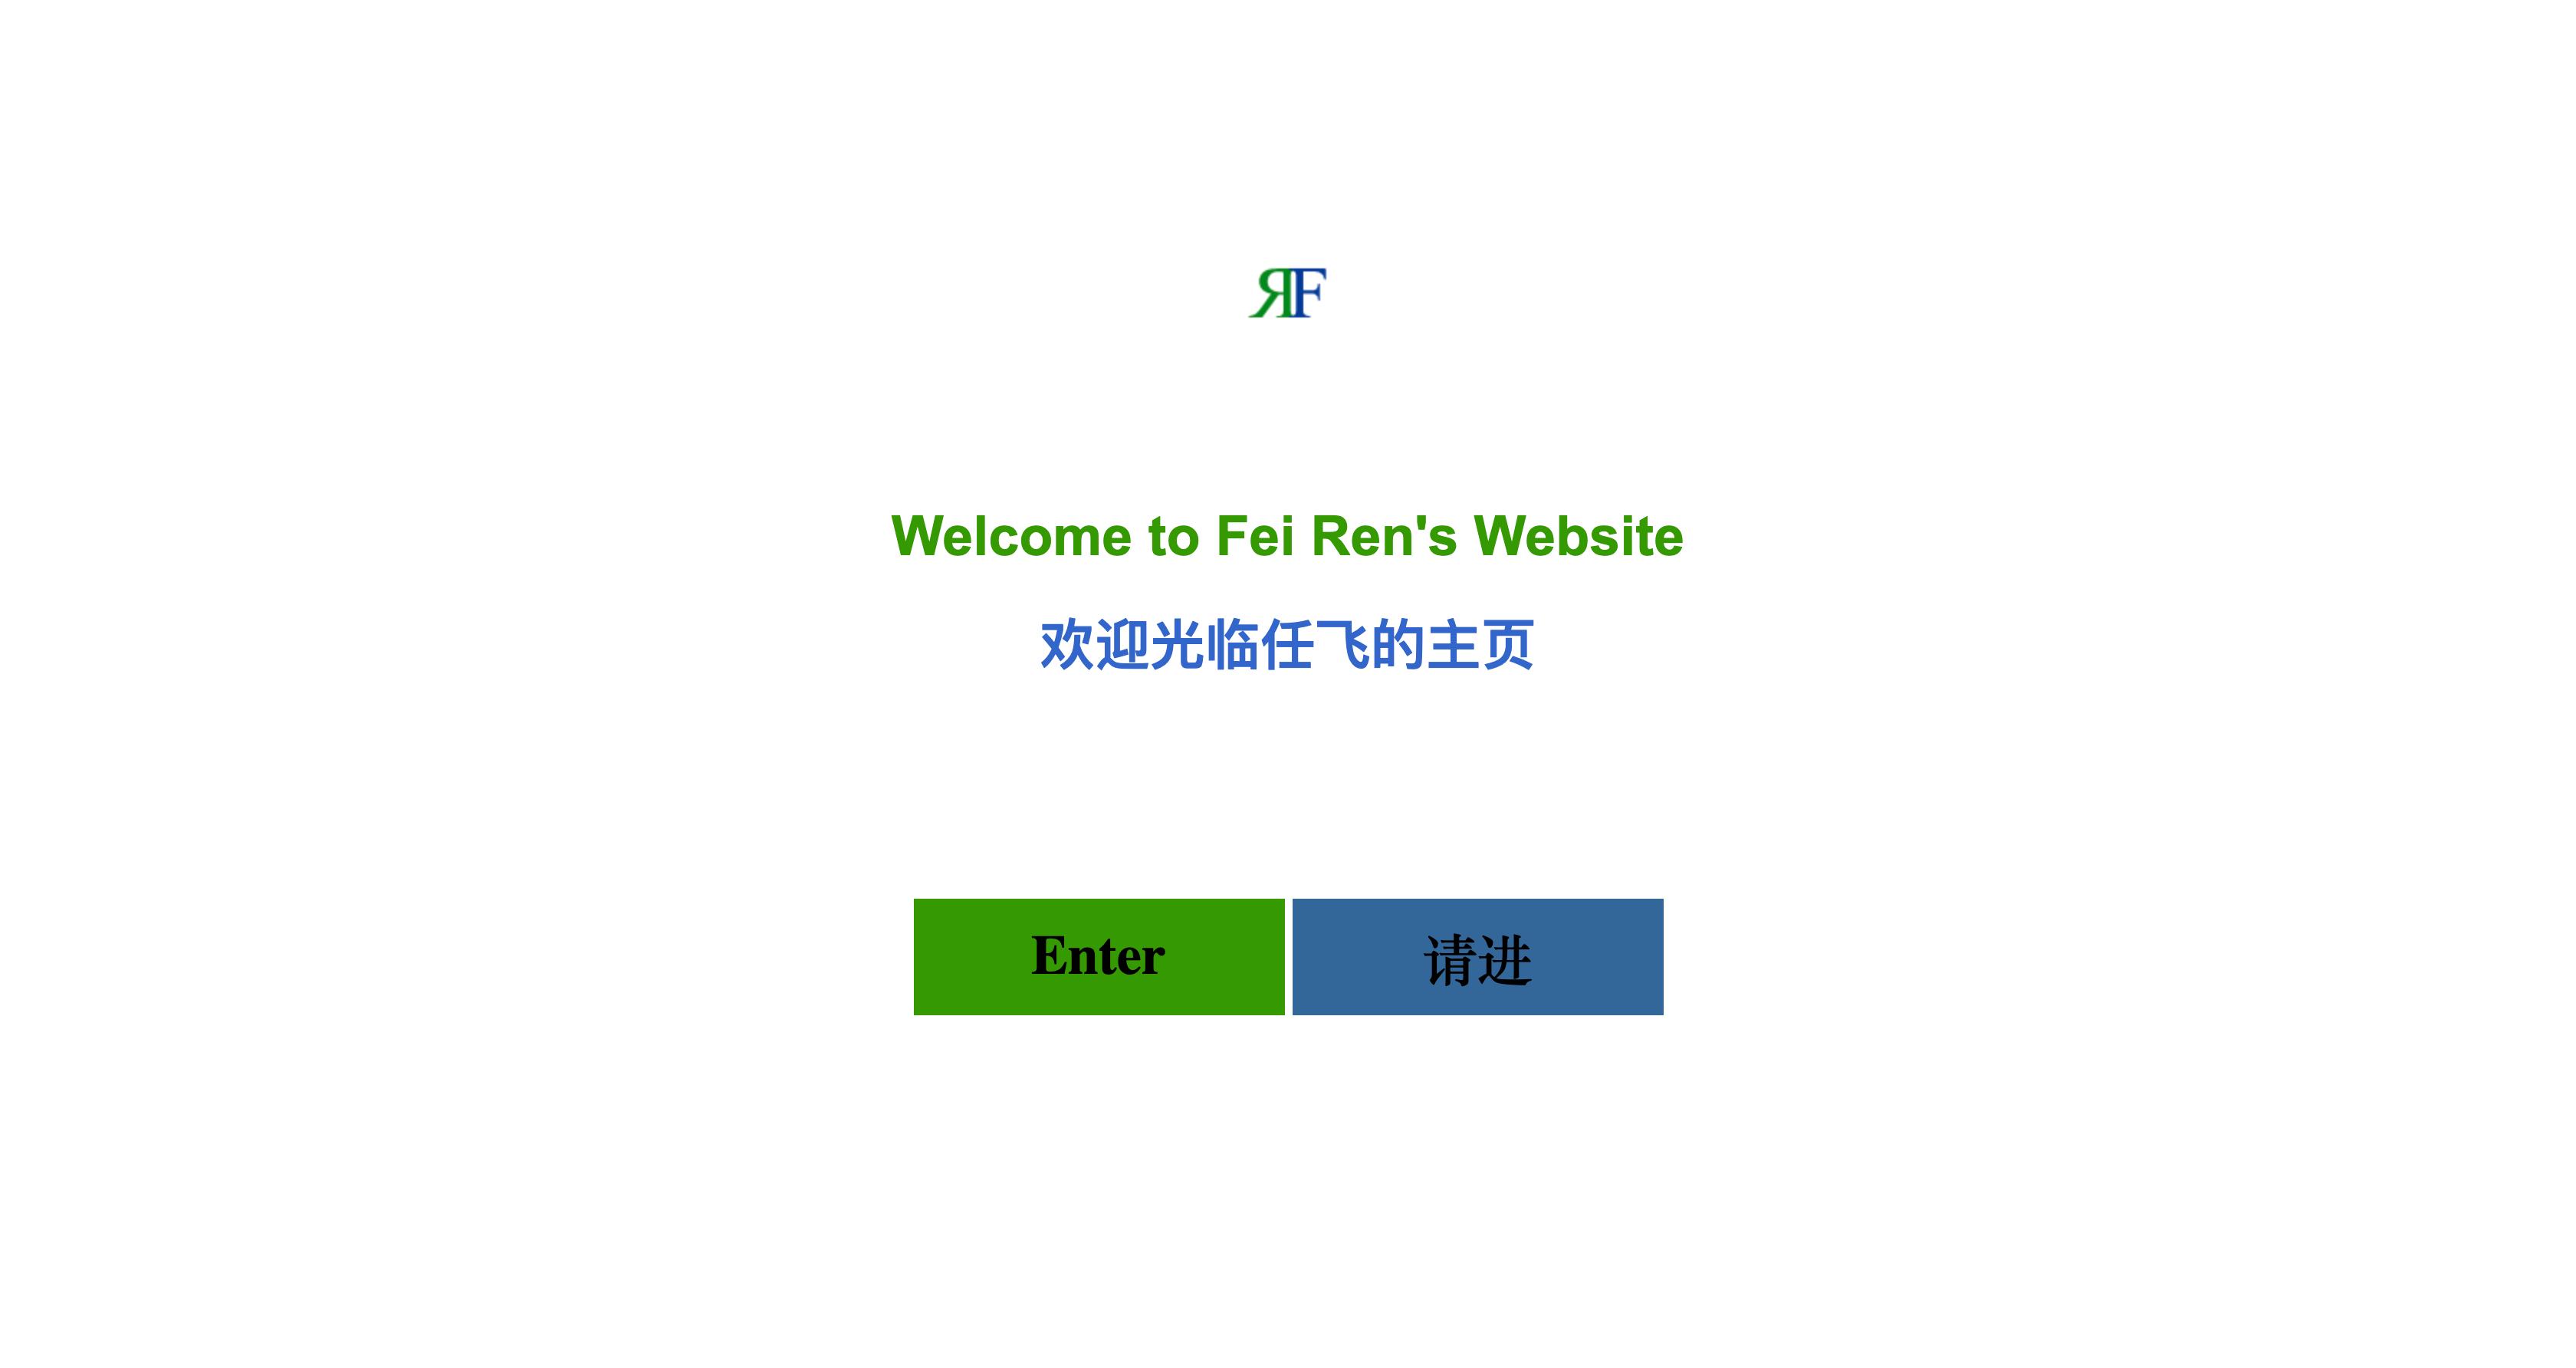 renfei.net在2005年的首页